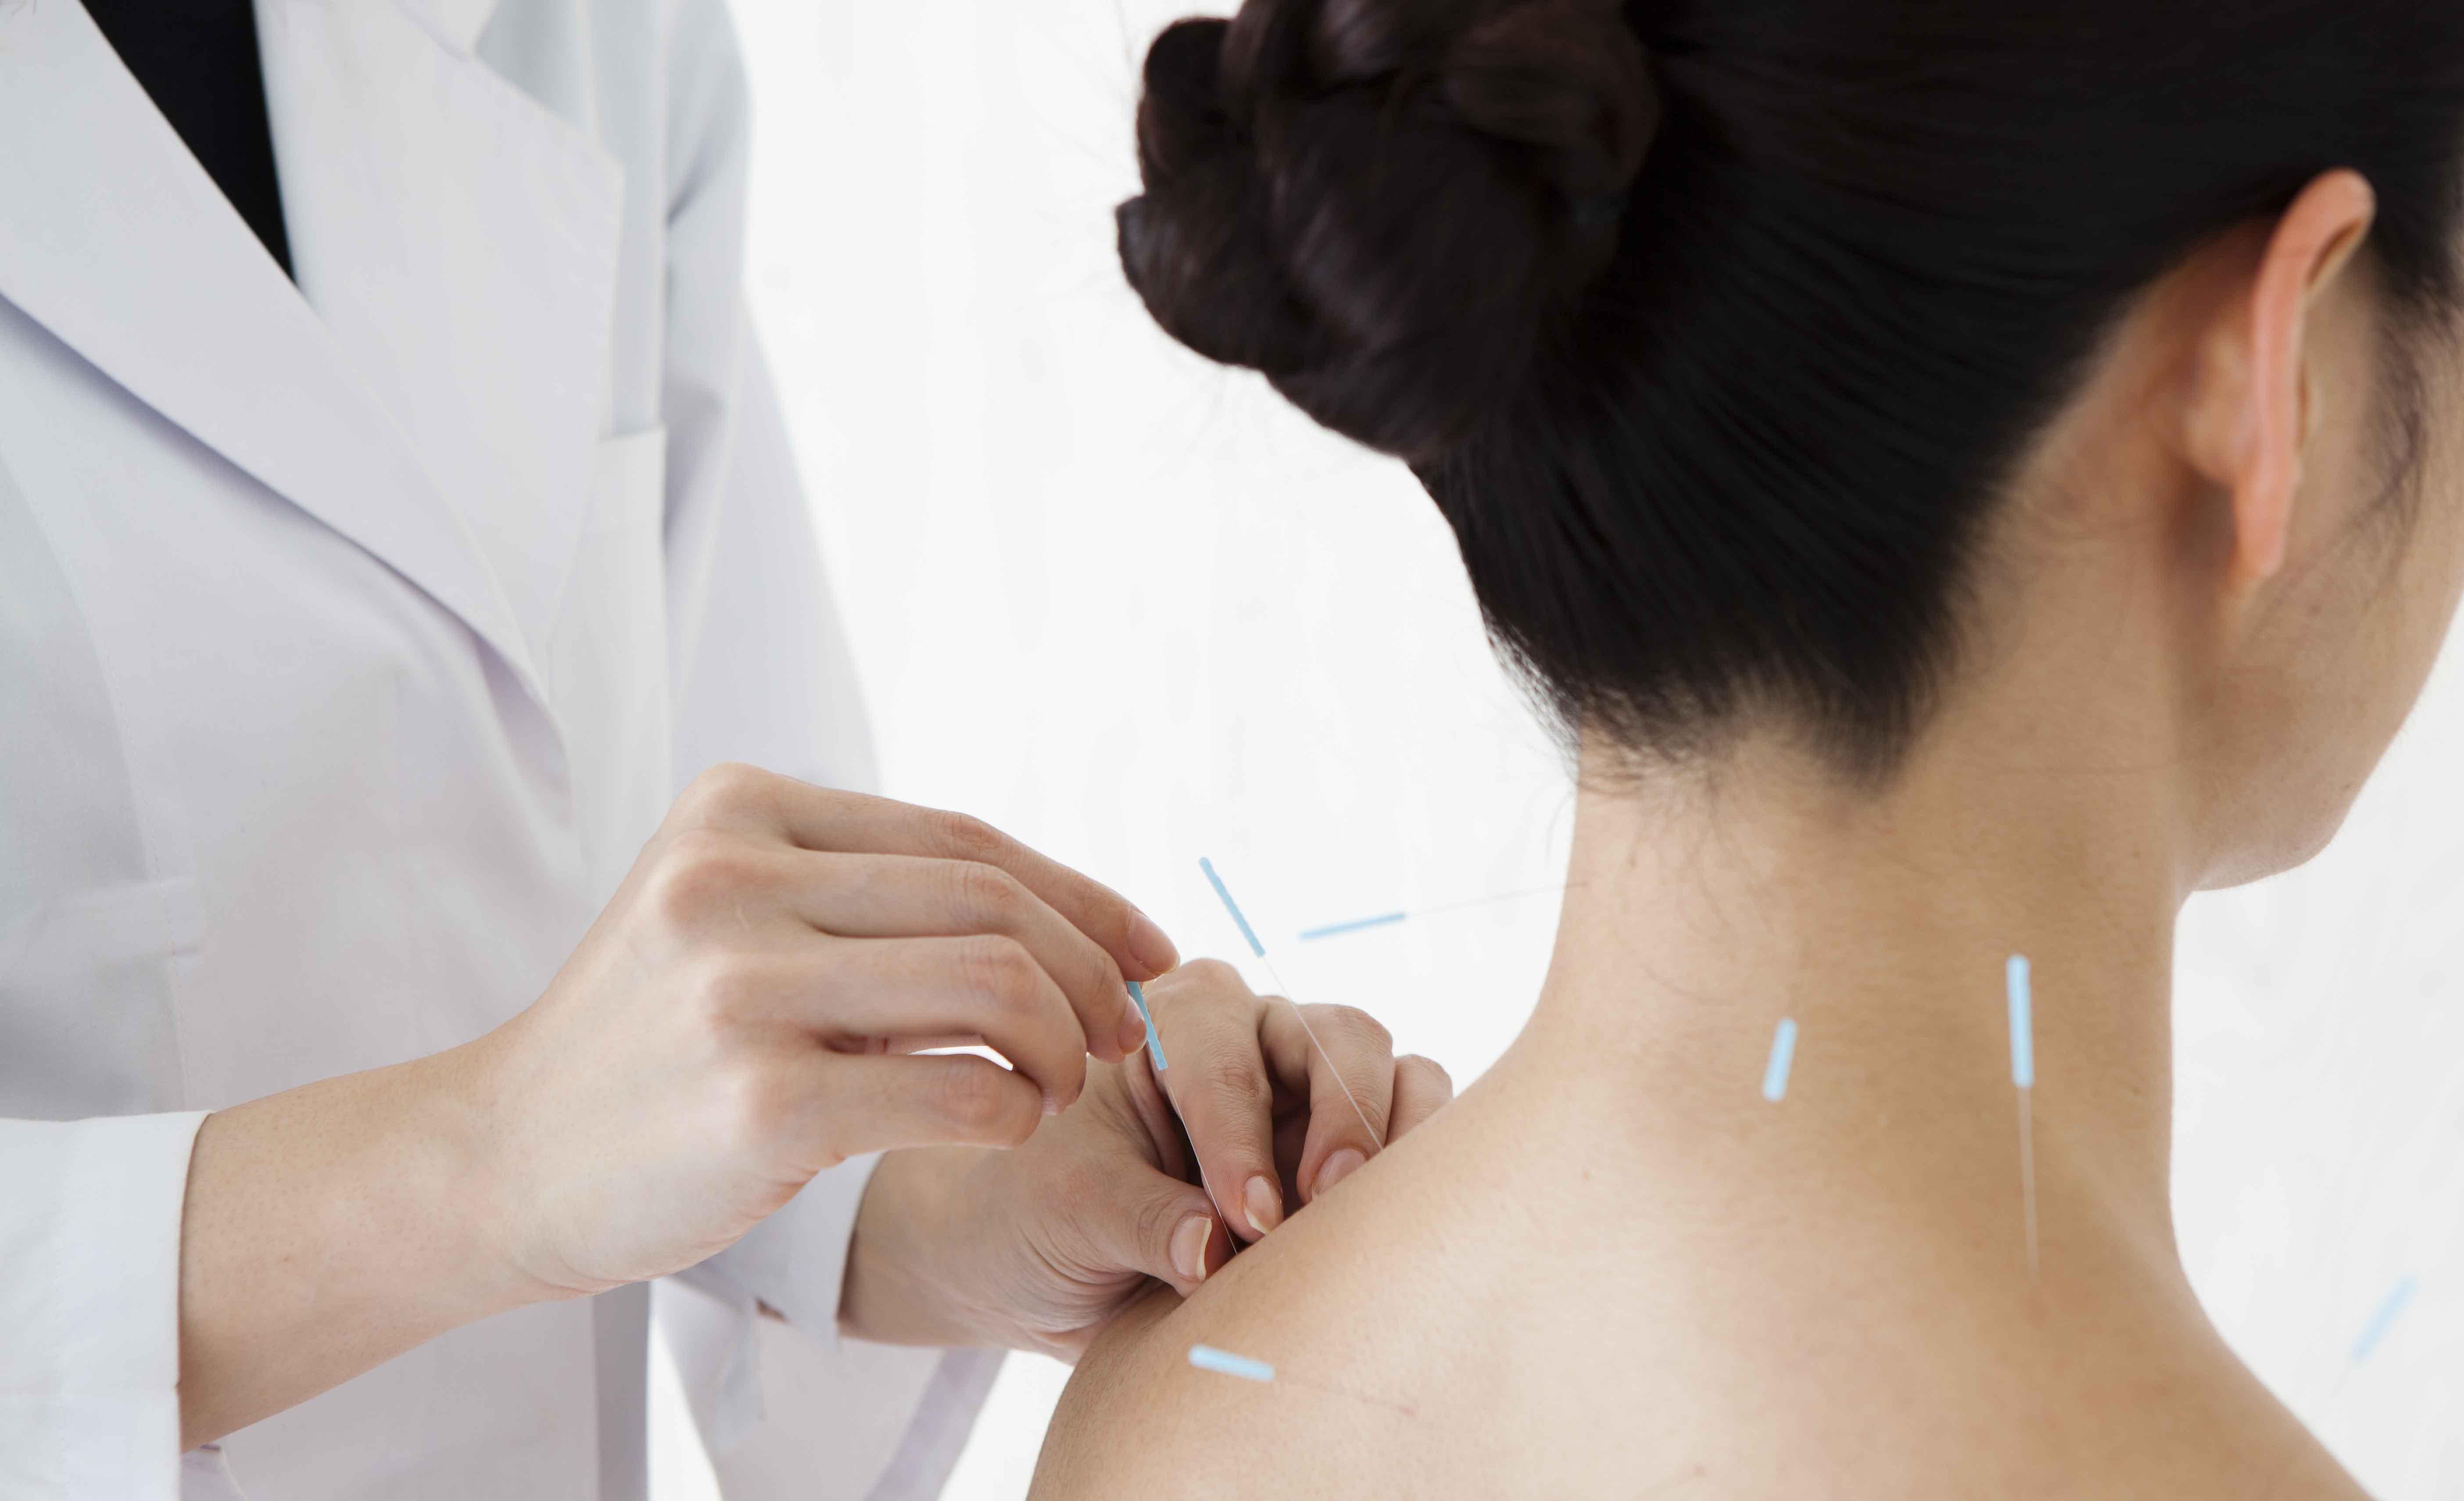 中风康复期针灸及运动治疗攻略